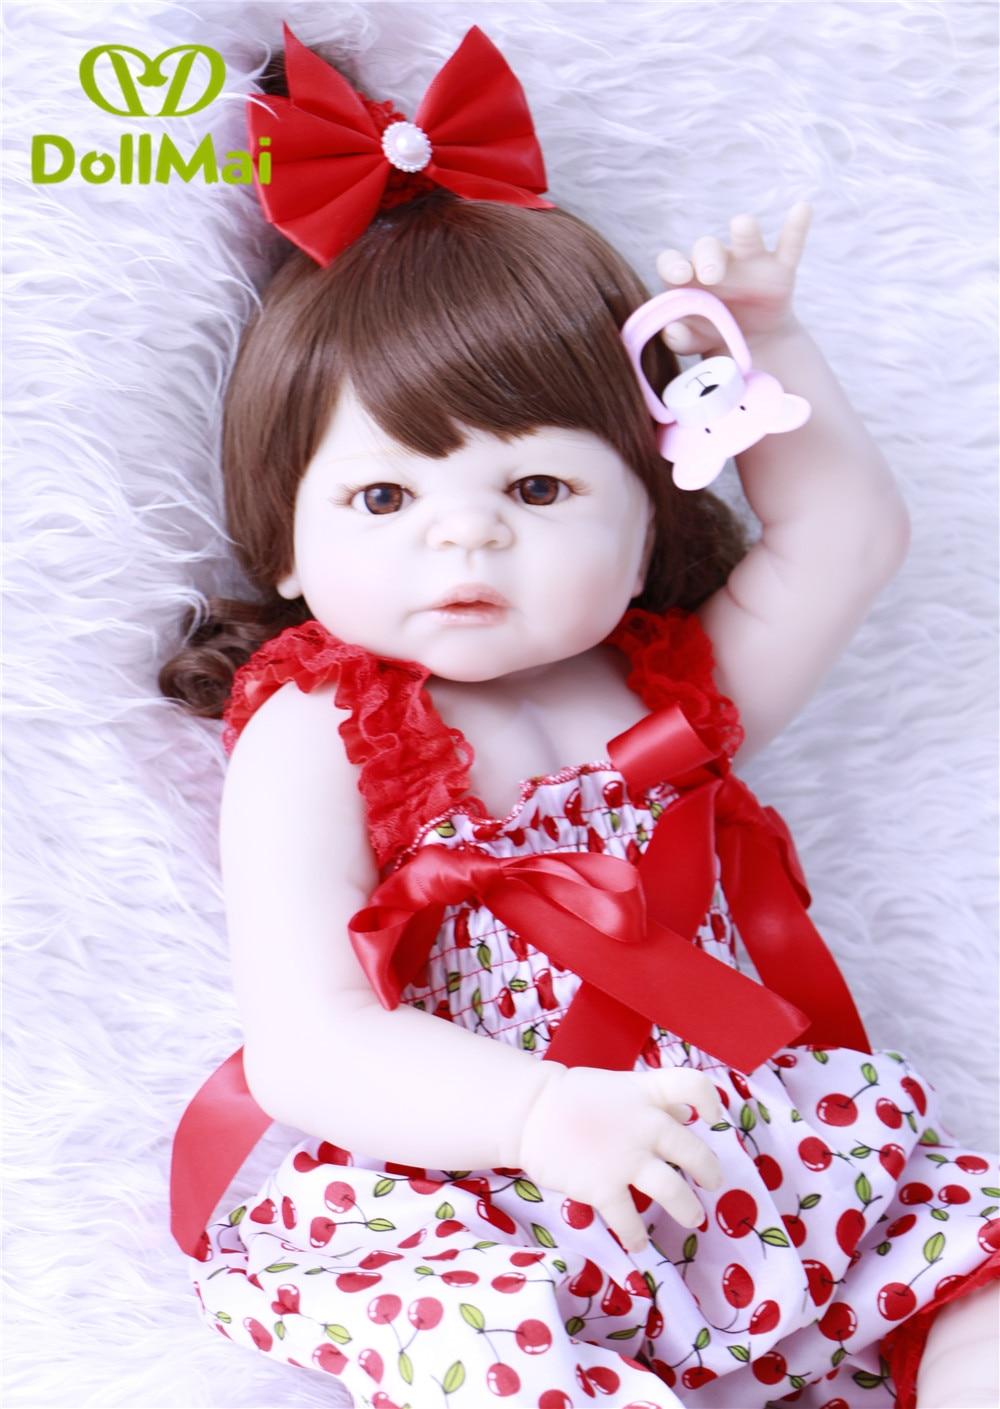 DollMai bebe vivo reborn menina boneca 57cm realista Reborn Baby Doll Girls cuerpo completo de silicona de vinilo con chupete para niños regalo-in Muñecas from Juguetes y pasatiempos    1